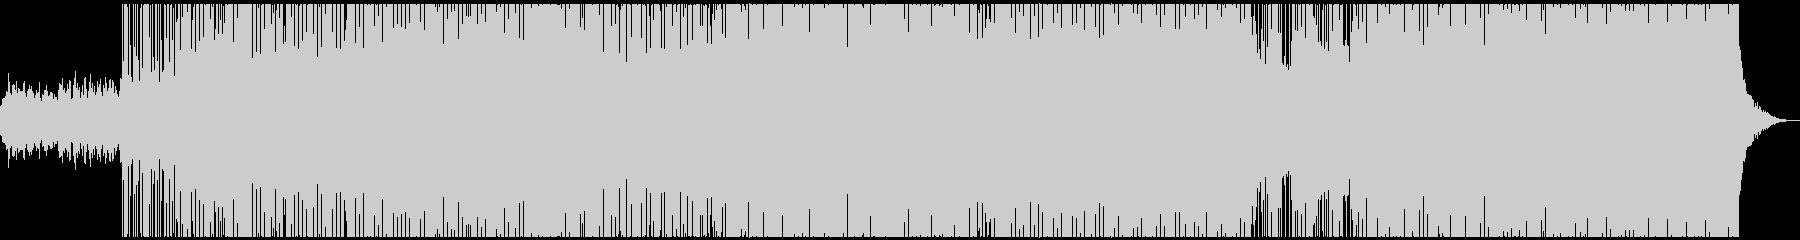 クールなマイナーキーのEDM風BGMの未再生の波形